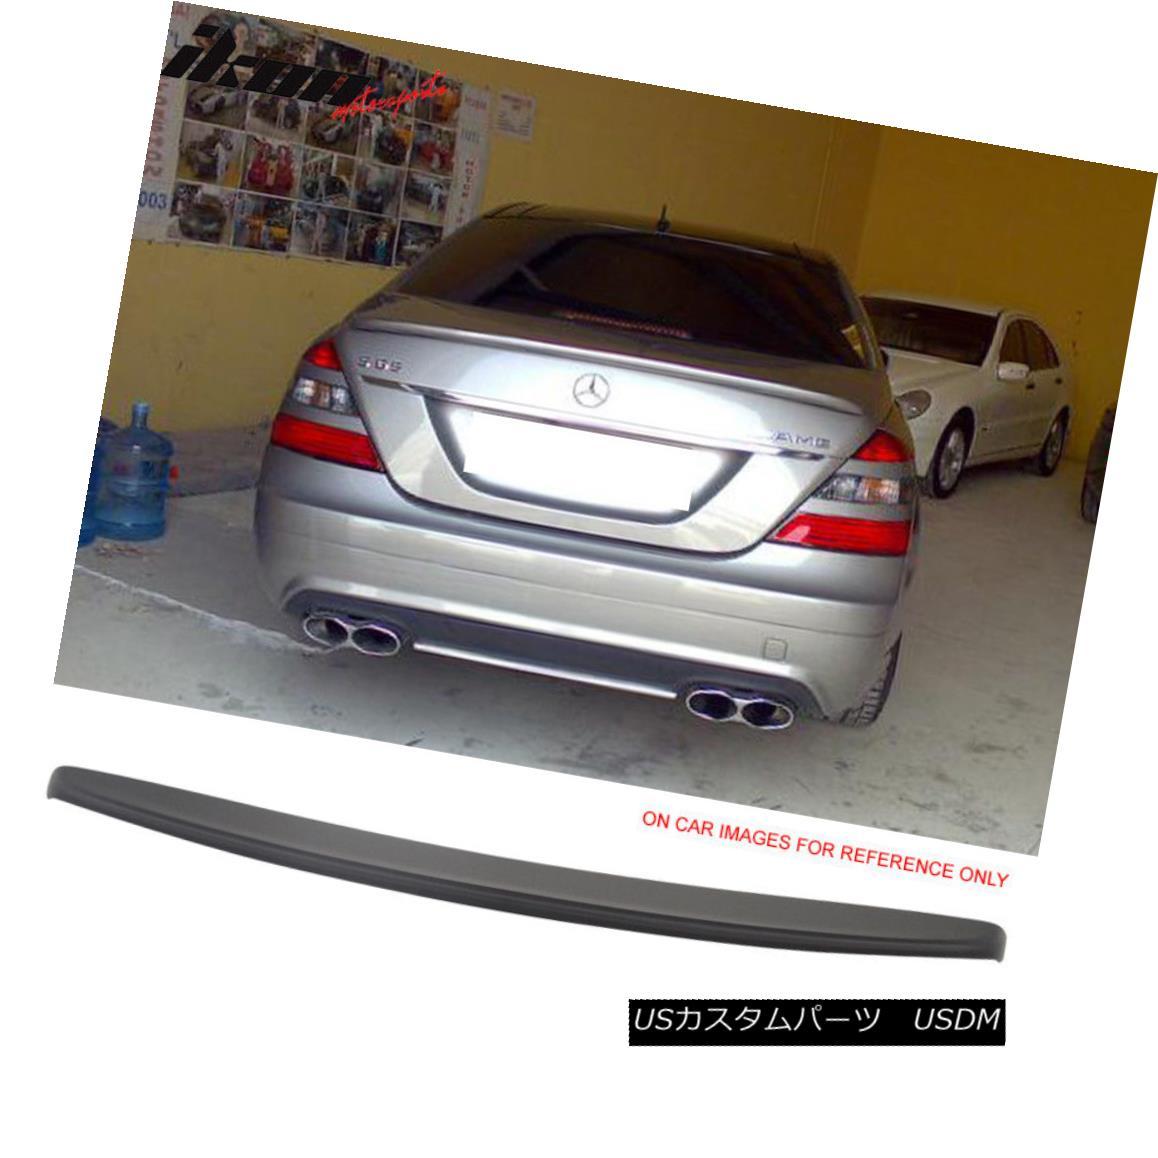 エアロパーツ Fits 07-13 Mercedes W221 Sedan S-Class Painted Matte Black Trunk Spoiler - ABS フィット07-13メルセデスW221セダンSクラス塗装マットブラックトランクスポイラー - ABS